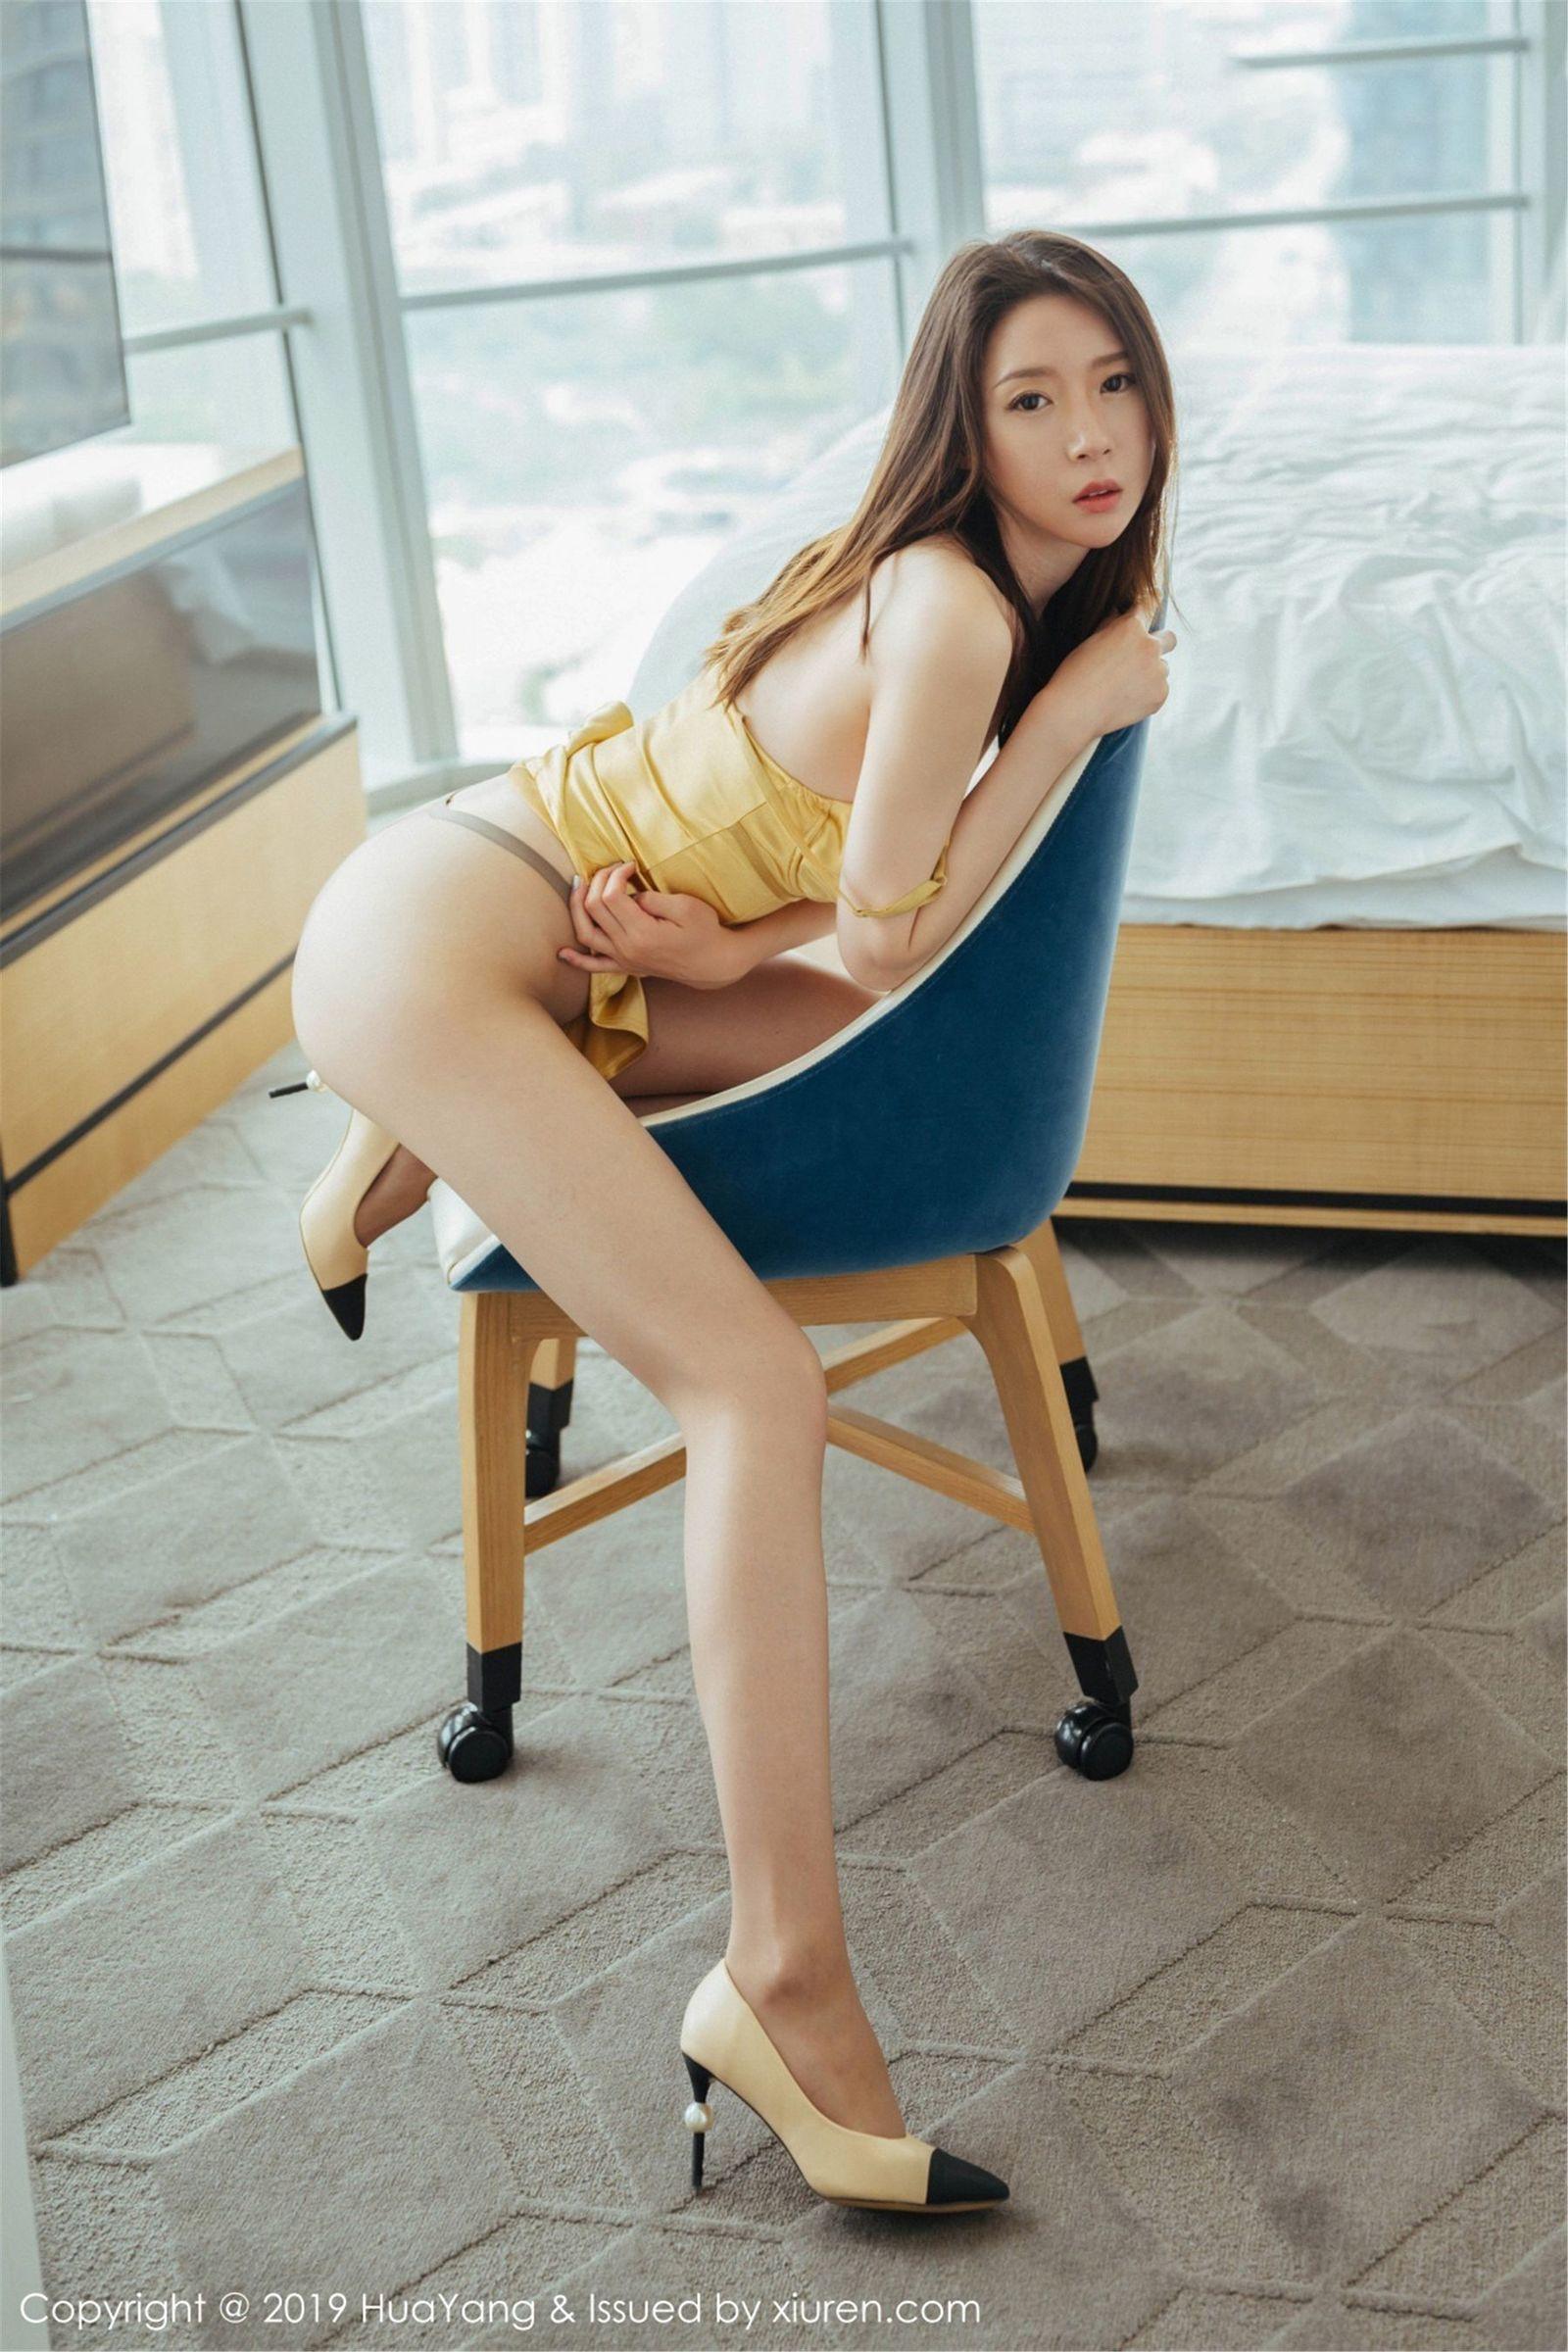 模特@梦心月第二套性感丝袜美腿写真